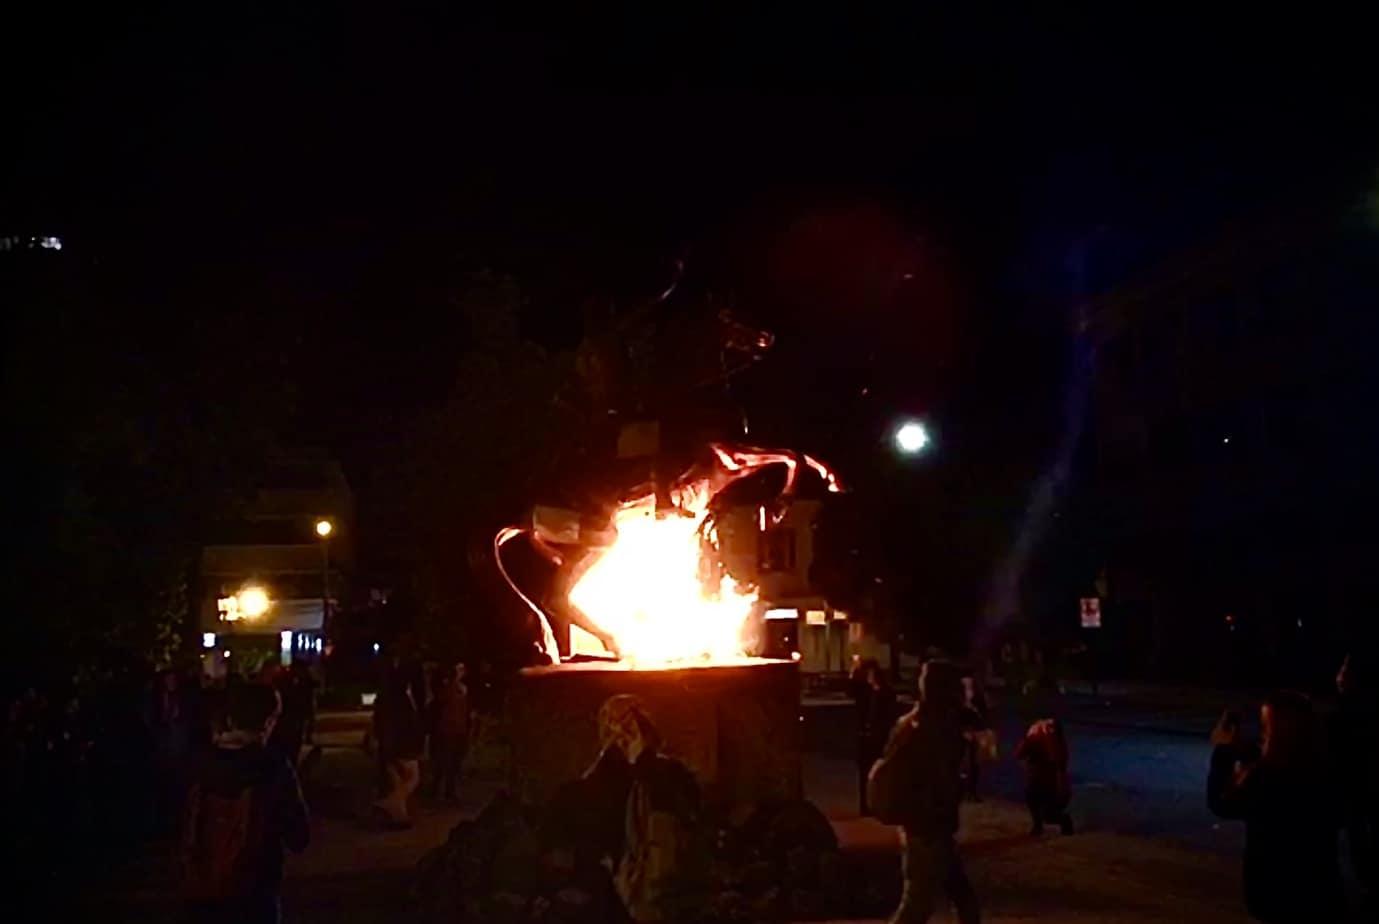 Prenden fuego al monumento de Bernardo O'Higgins en Los Ángeles